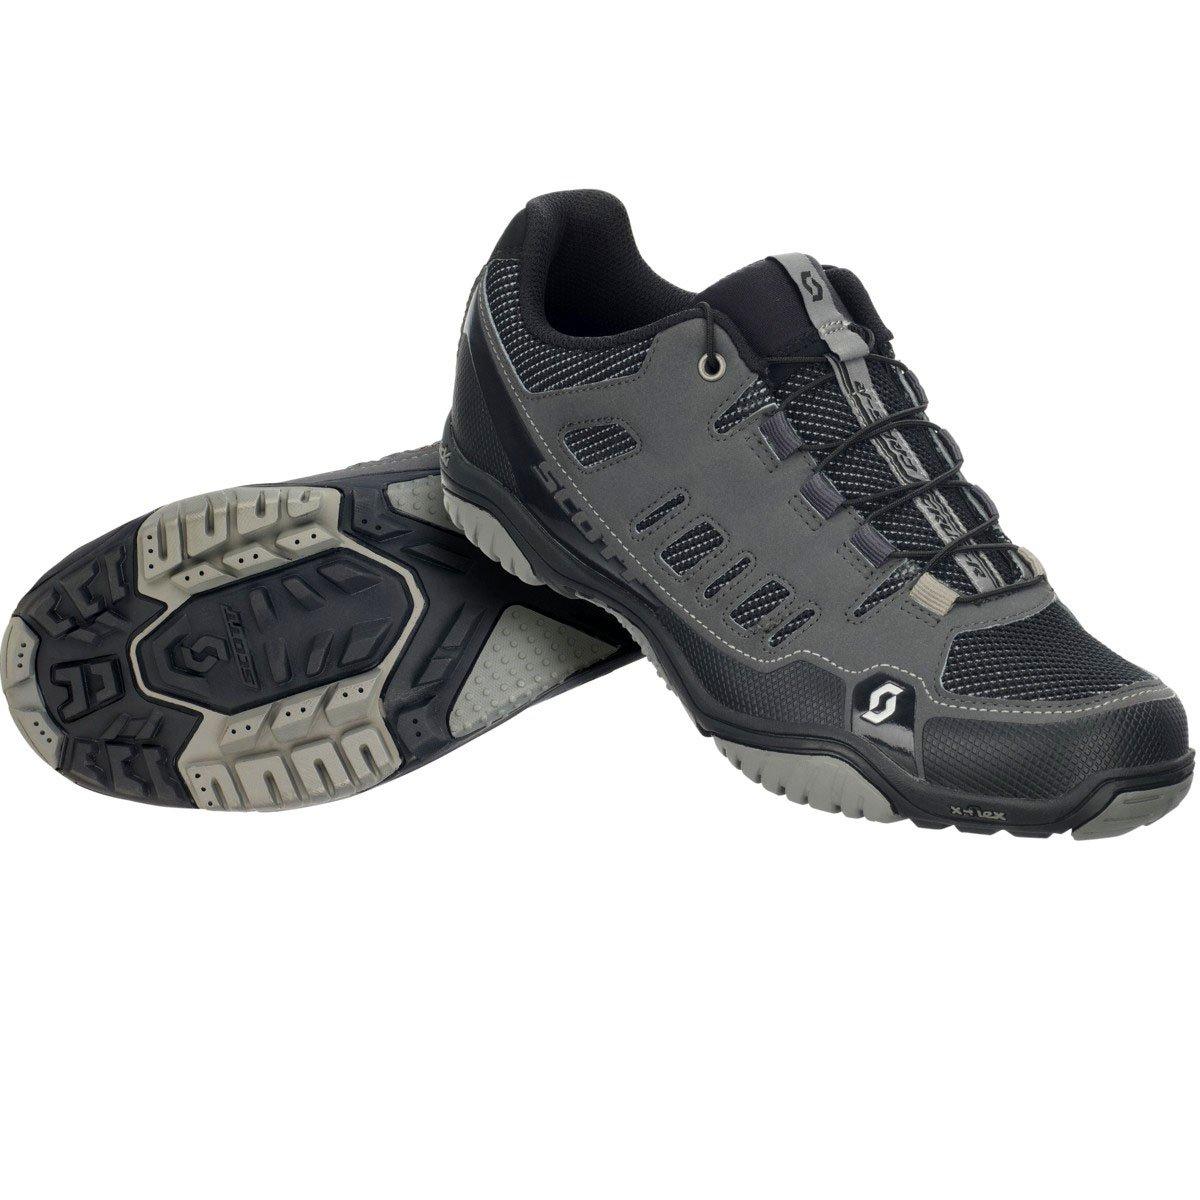 スコットcrus-r Shoe – Men 's Anthracite /ブラック、46.0   B01LZ7INO3